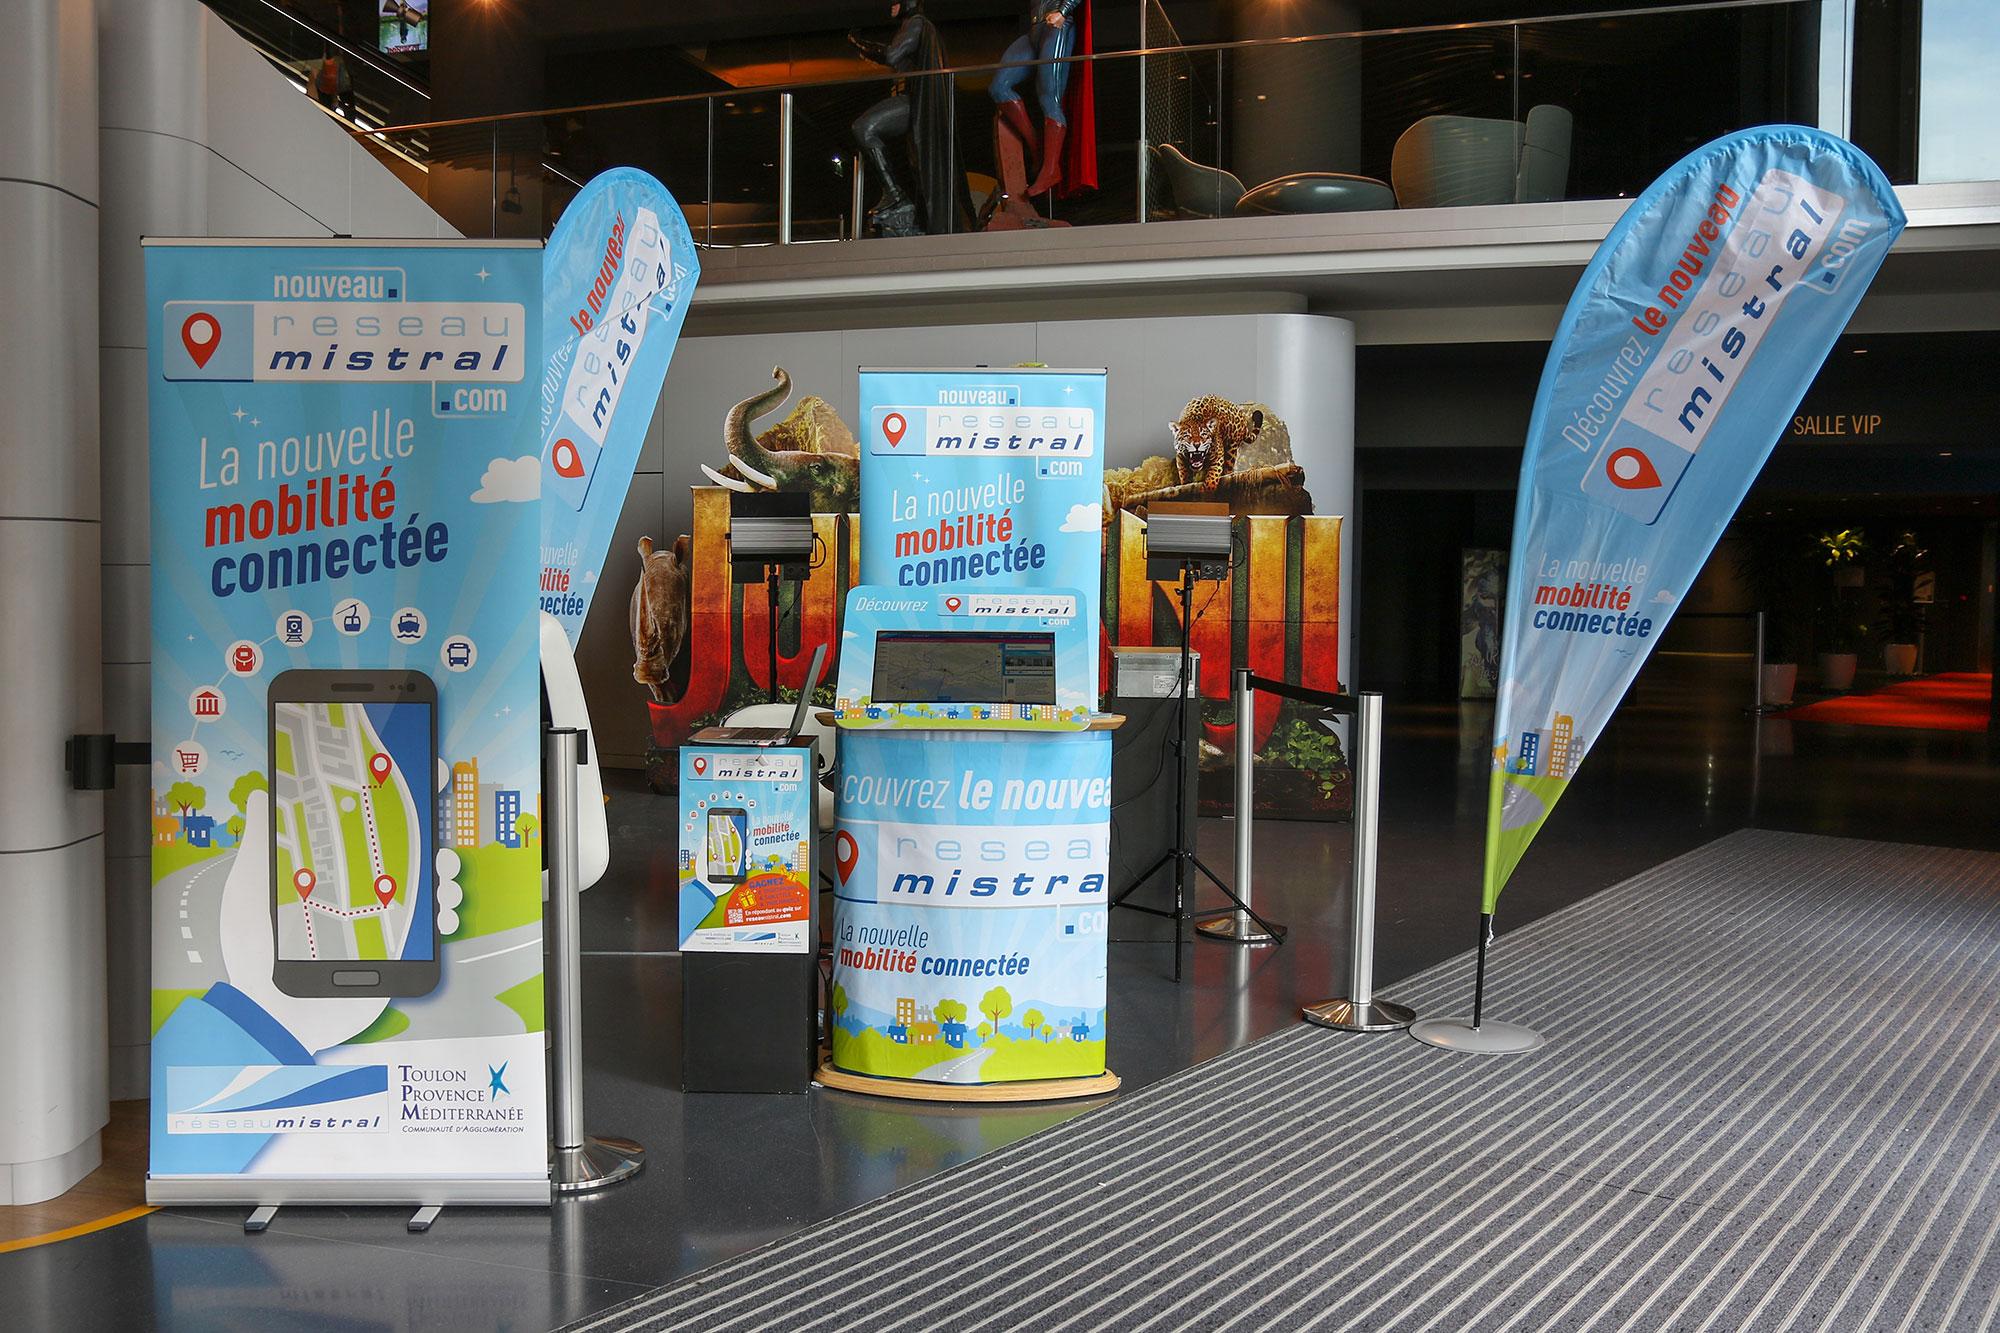 Agence de communication de service public à toulon Var 83 Hyères, La Seyne sur mer - Stand événementiel